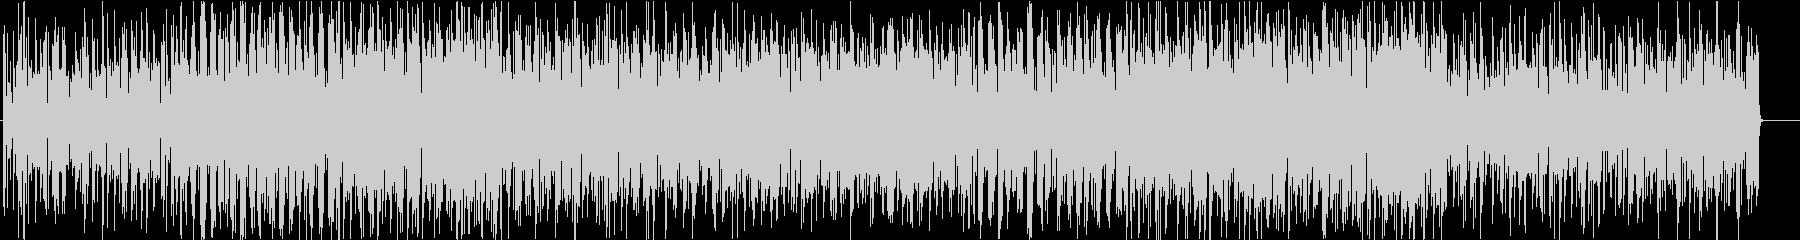 グルーヴィーなファンク調ポップスの未再生の波形